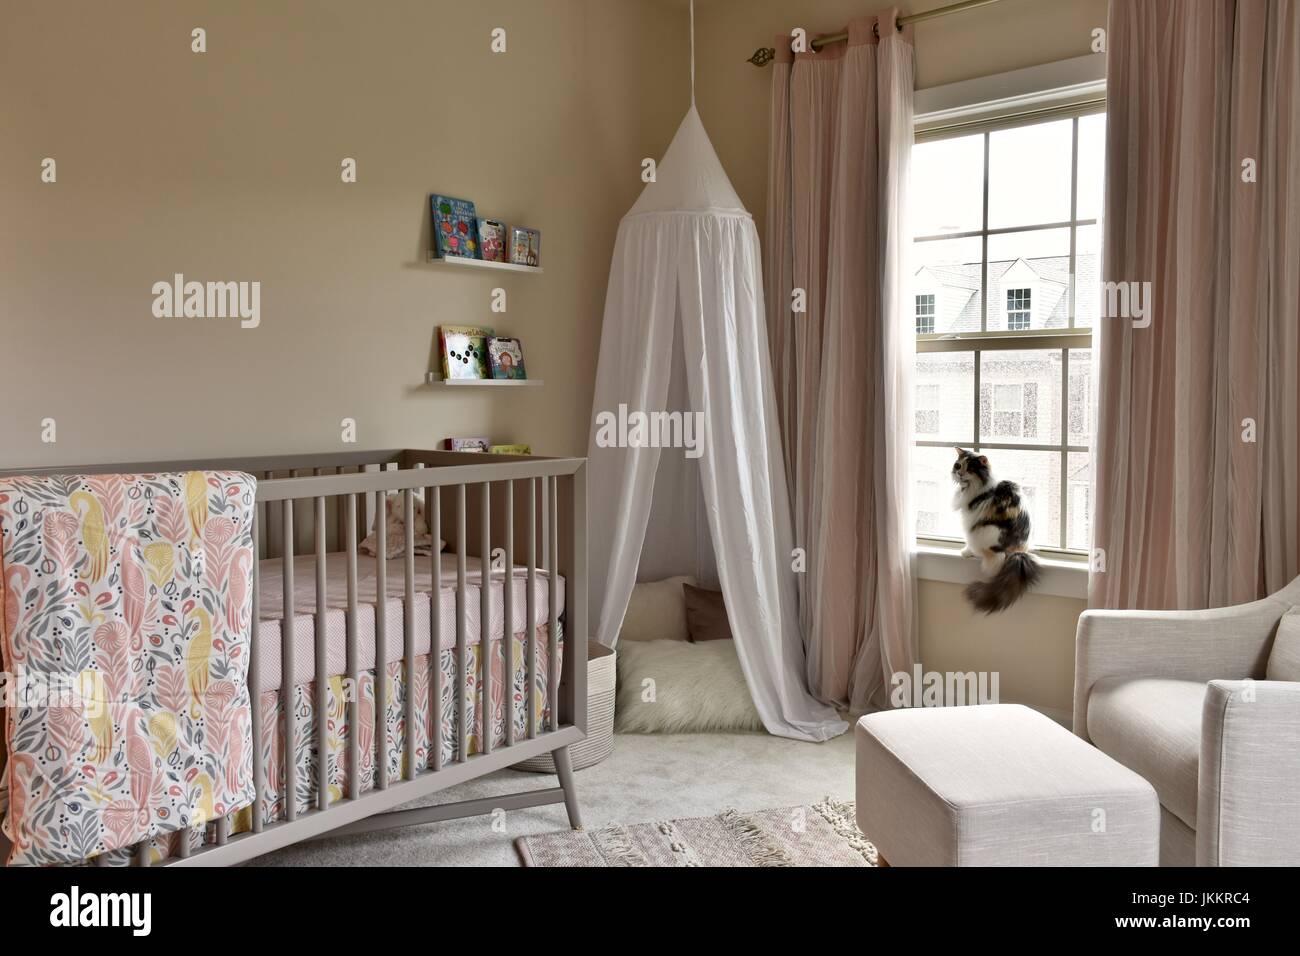 Baby Mädchen Zimmer Interieur mit Boho-design Stockfoto, Bild ...